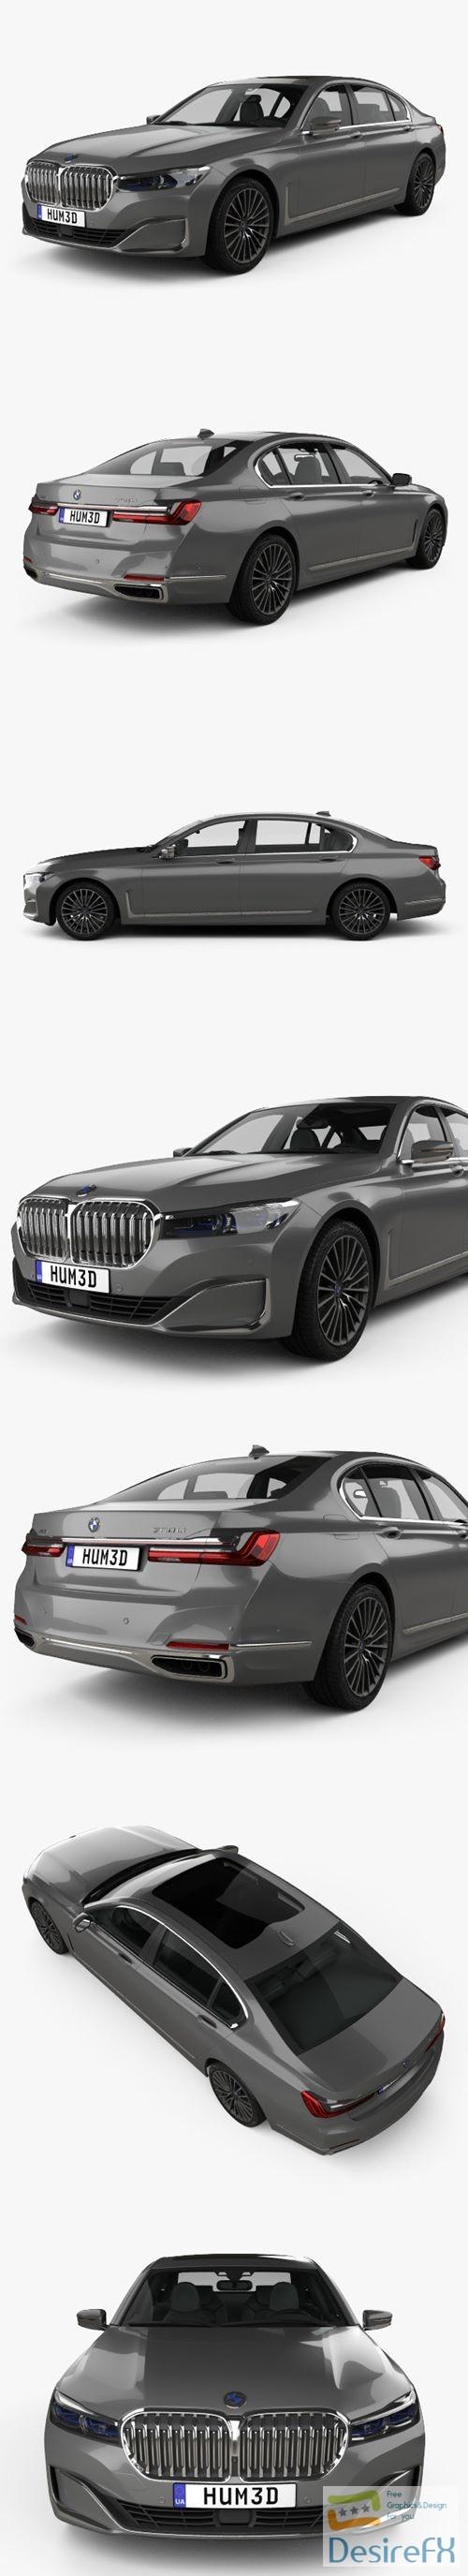 3d-models - BMW 7-series L 2019 3D Model